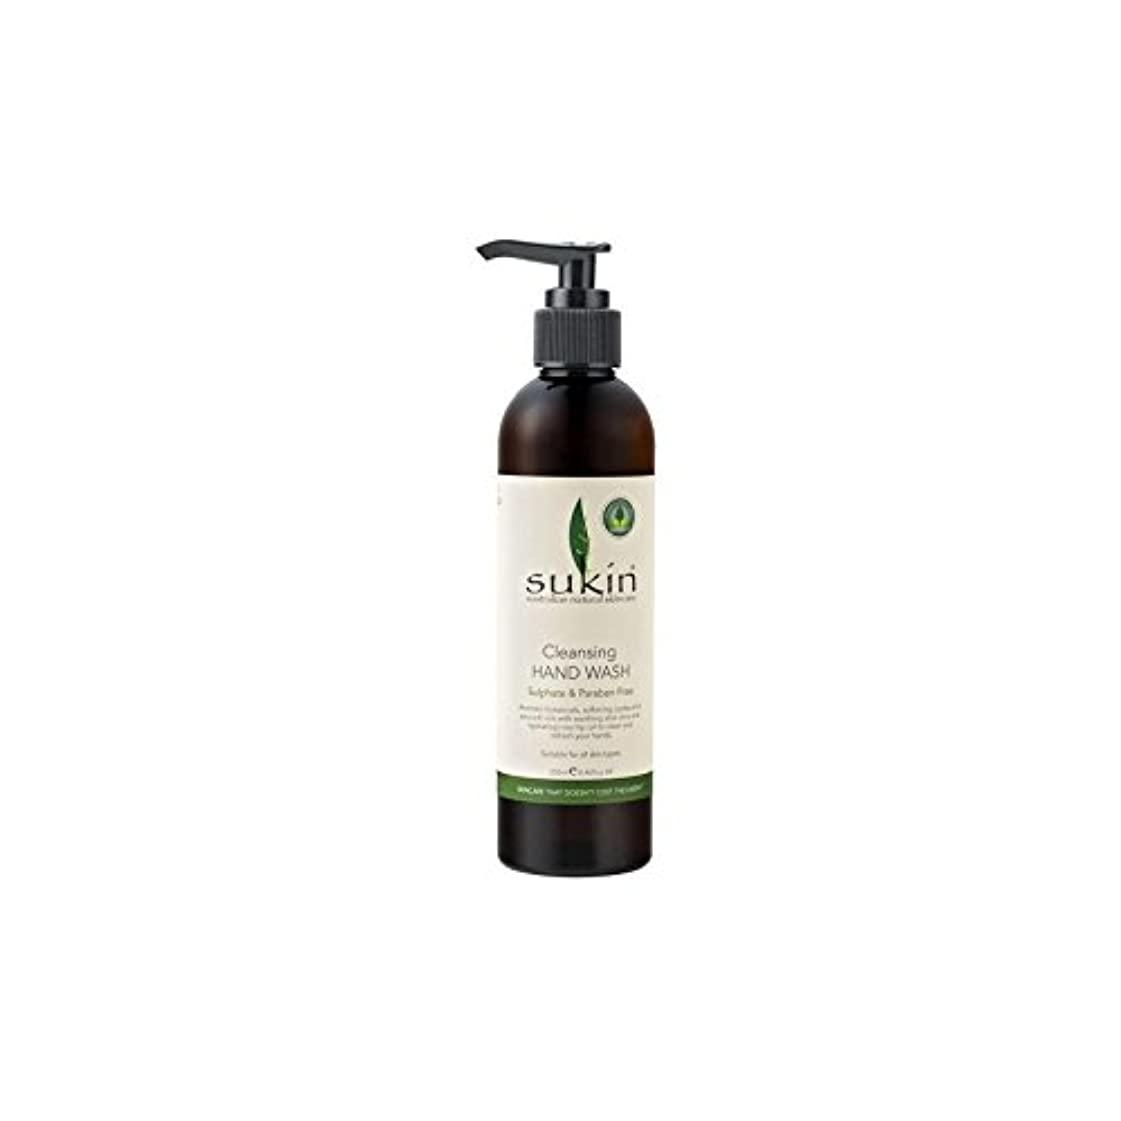 湿地効果ぐったりクレンジングハンドウォッシュ(250ミリリットル) x4 - Sukin Cleansing Hand Wash (250ml) (Pack of 4) [並行輸入品]